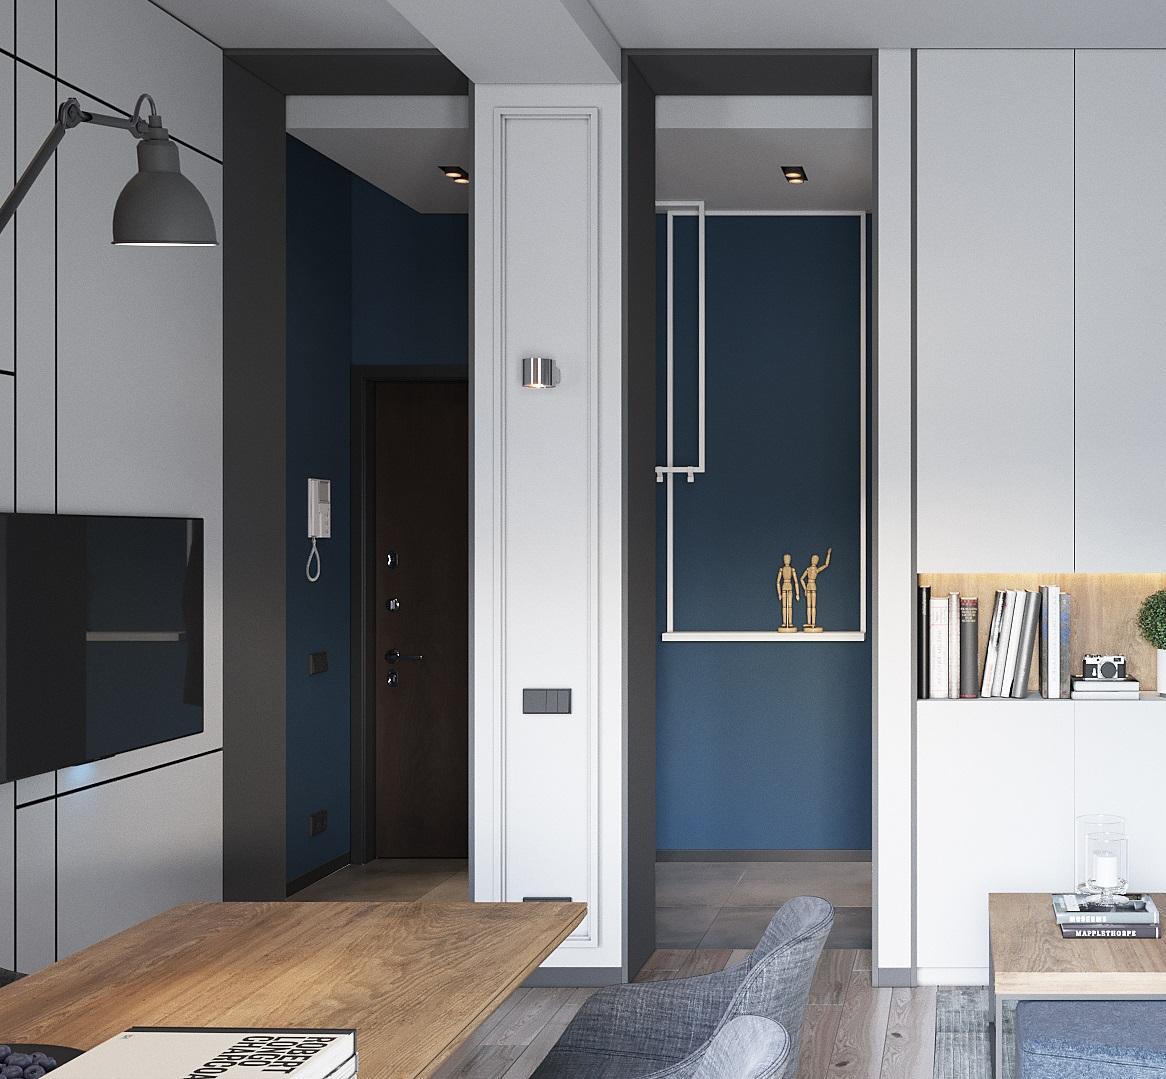 дизайн интерьера квартиры партизанский